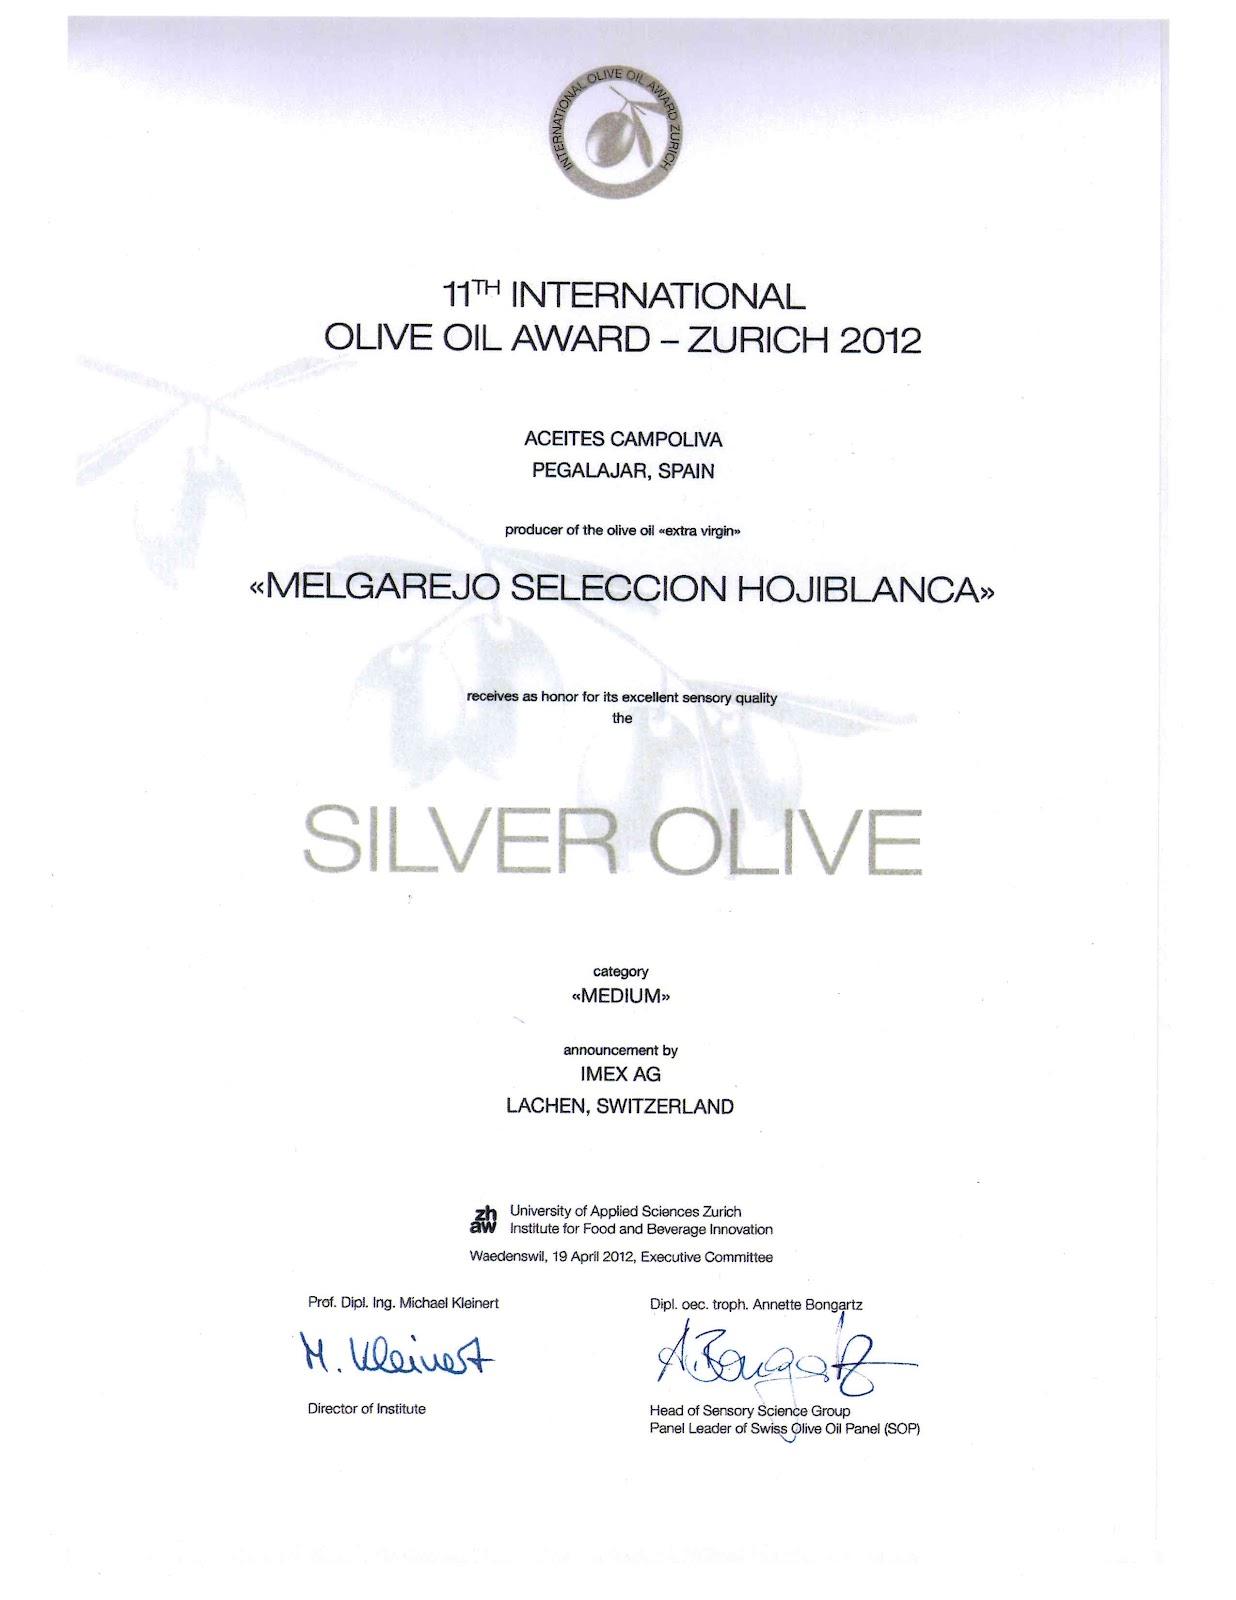 melgarejo-hojiblanca-awards-page-3.jpg